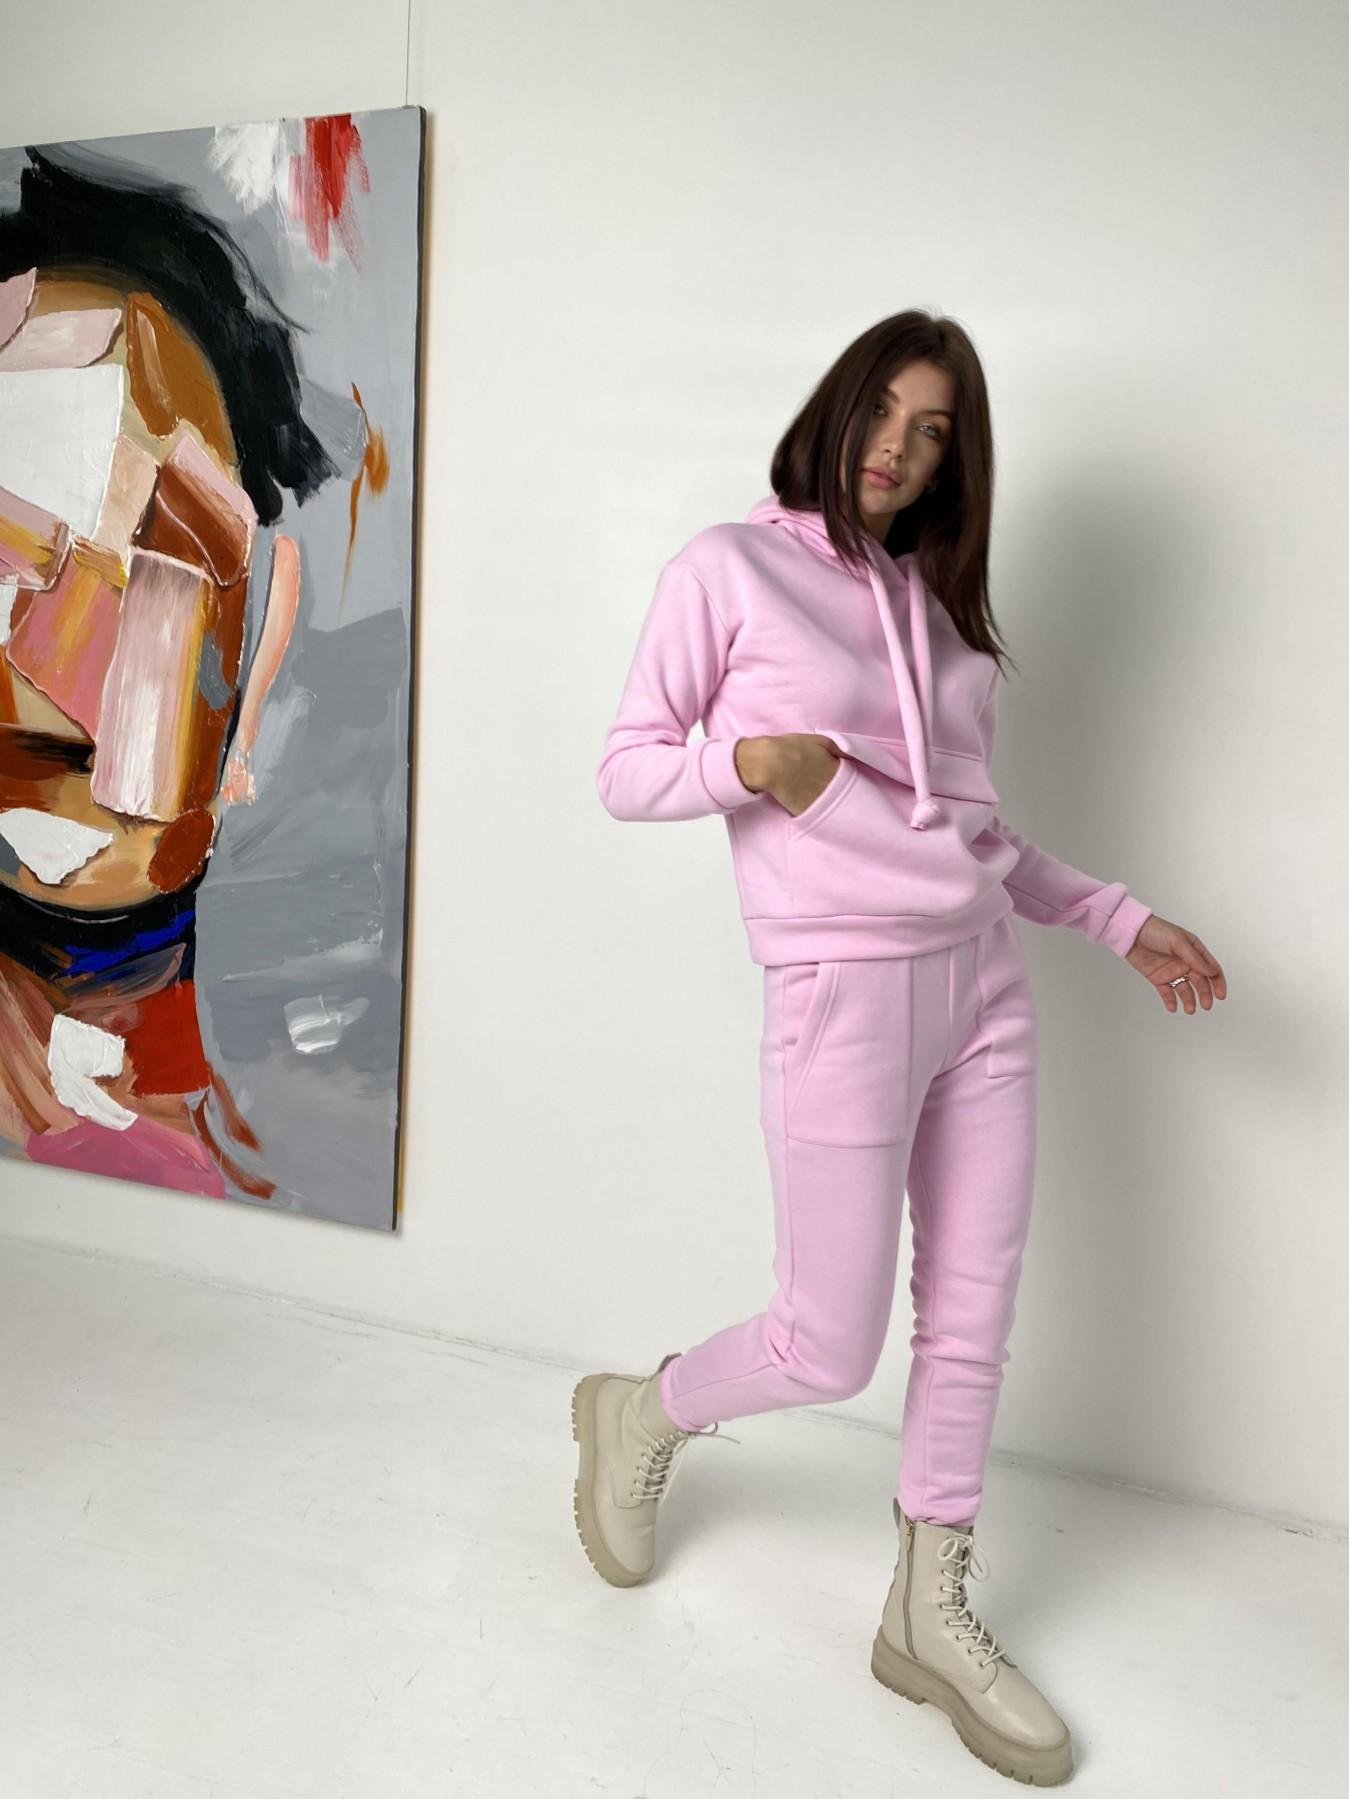 Бруклин  прогулочный костюм 3х нитка с начесом  9663 АРТ. 46923 Цвет: Розовый - фото 3, интернет магазин tm-modus.ru